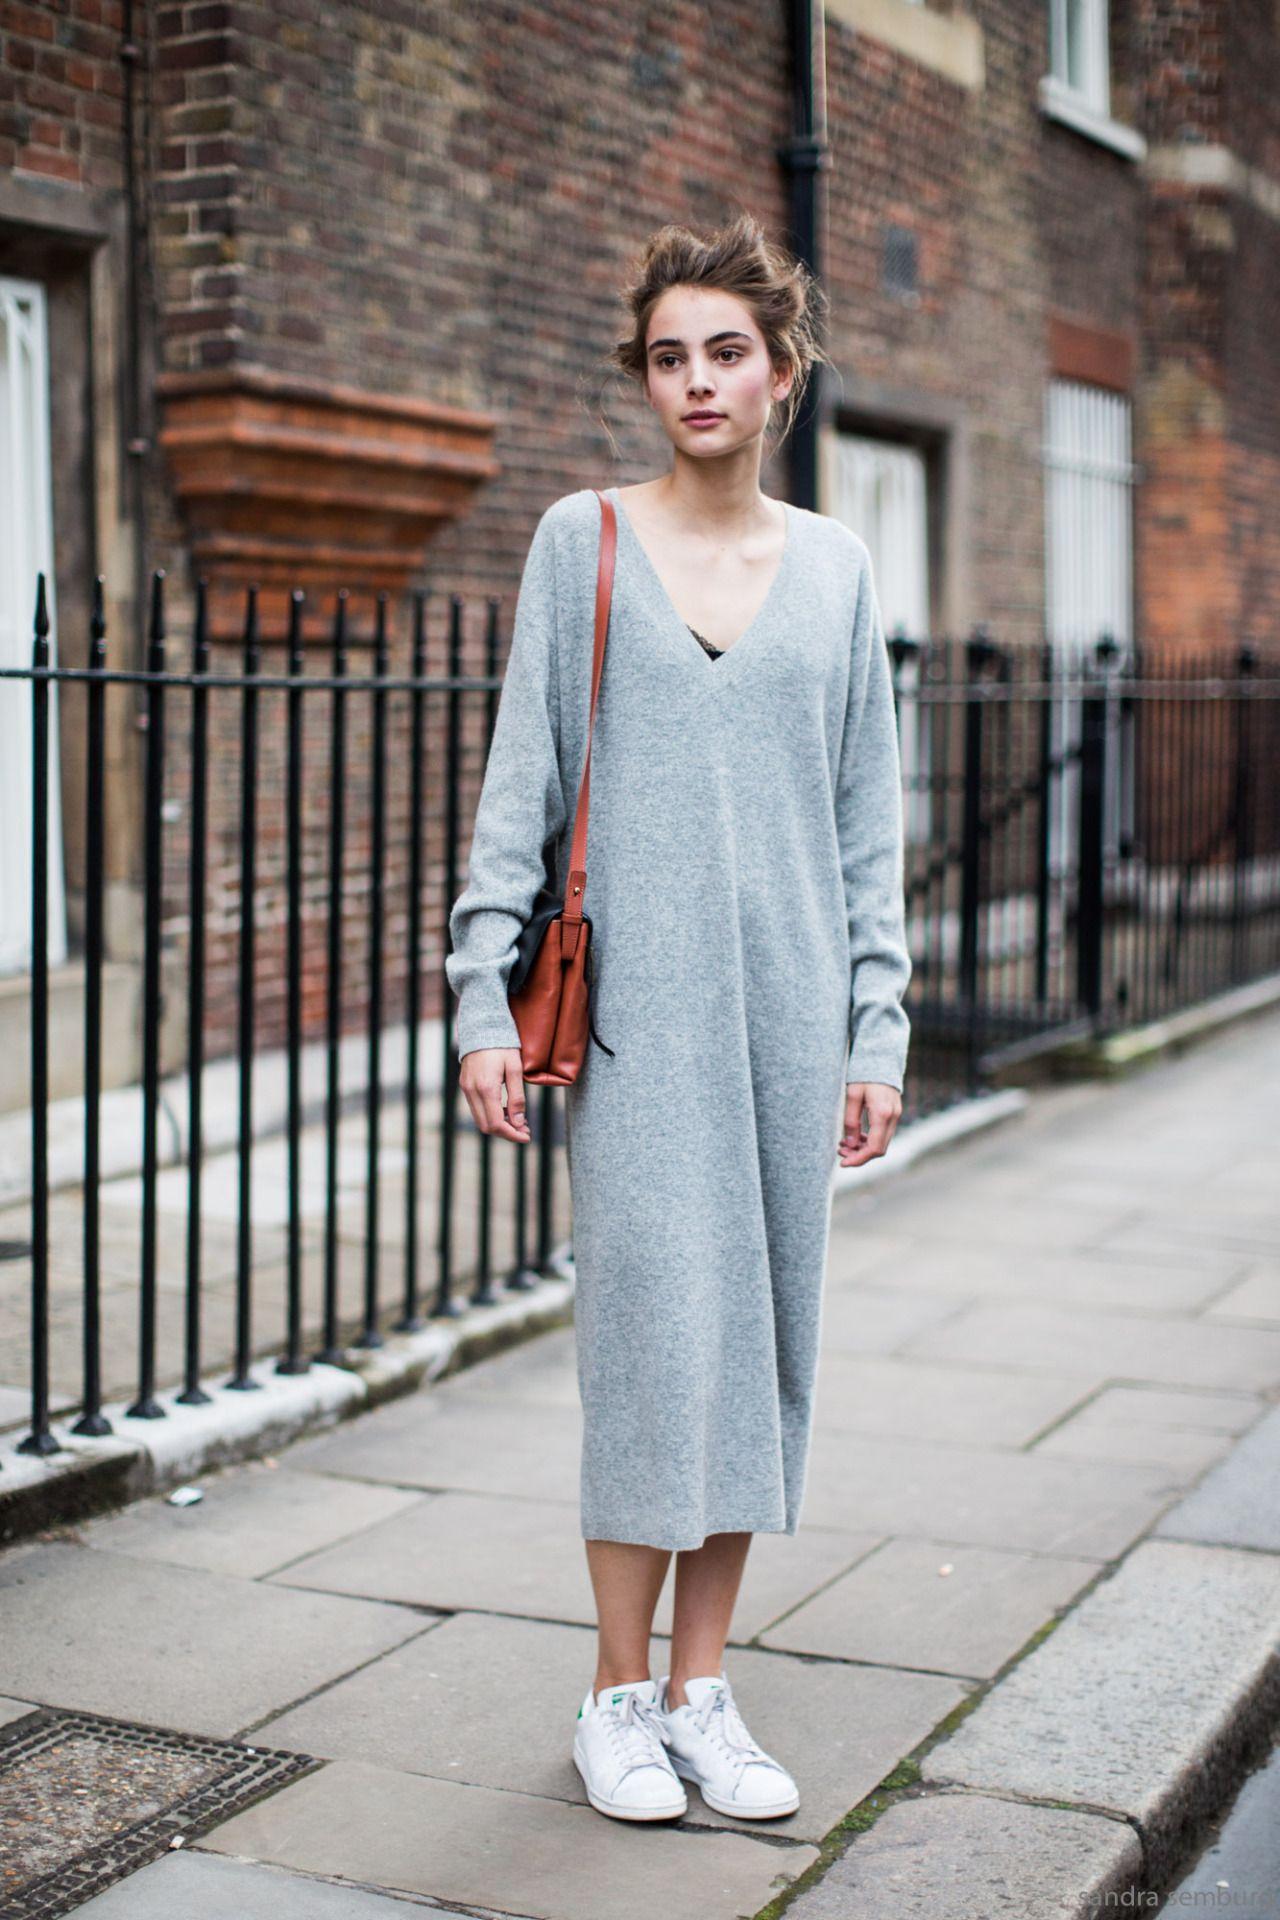 Grey v-neck midi dress with Stan Smiths.